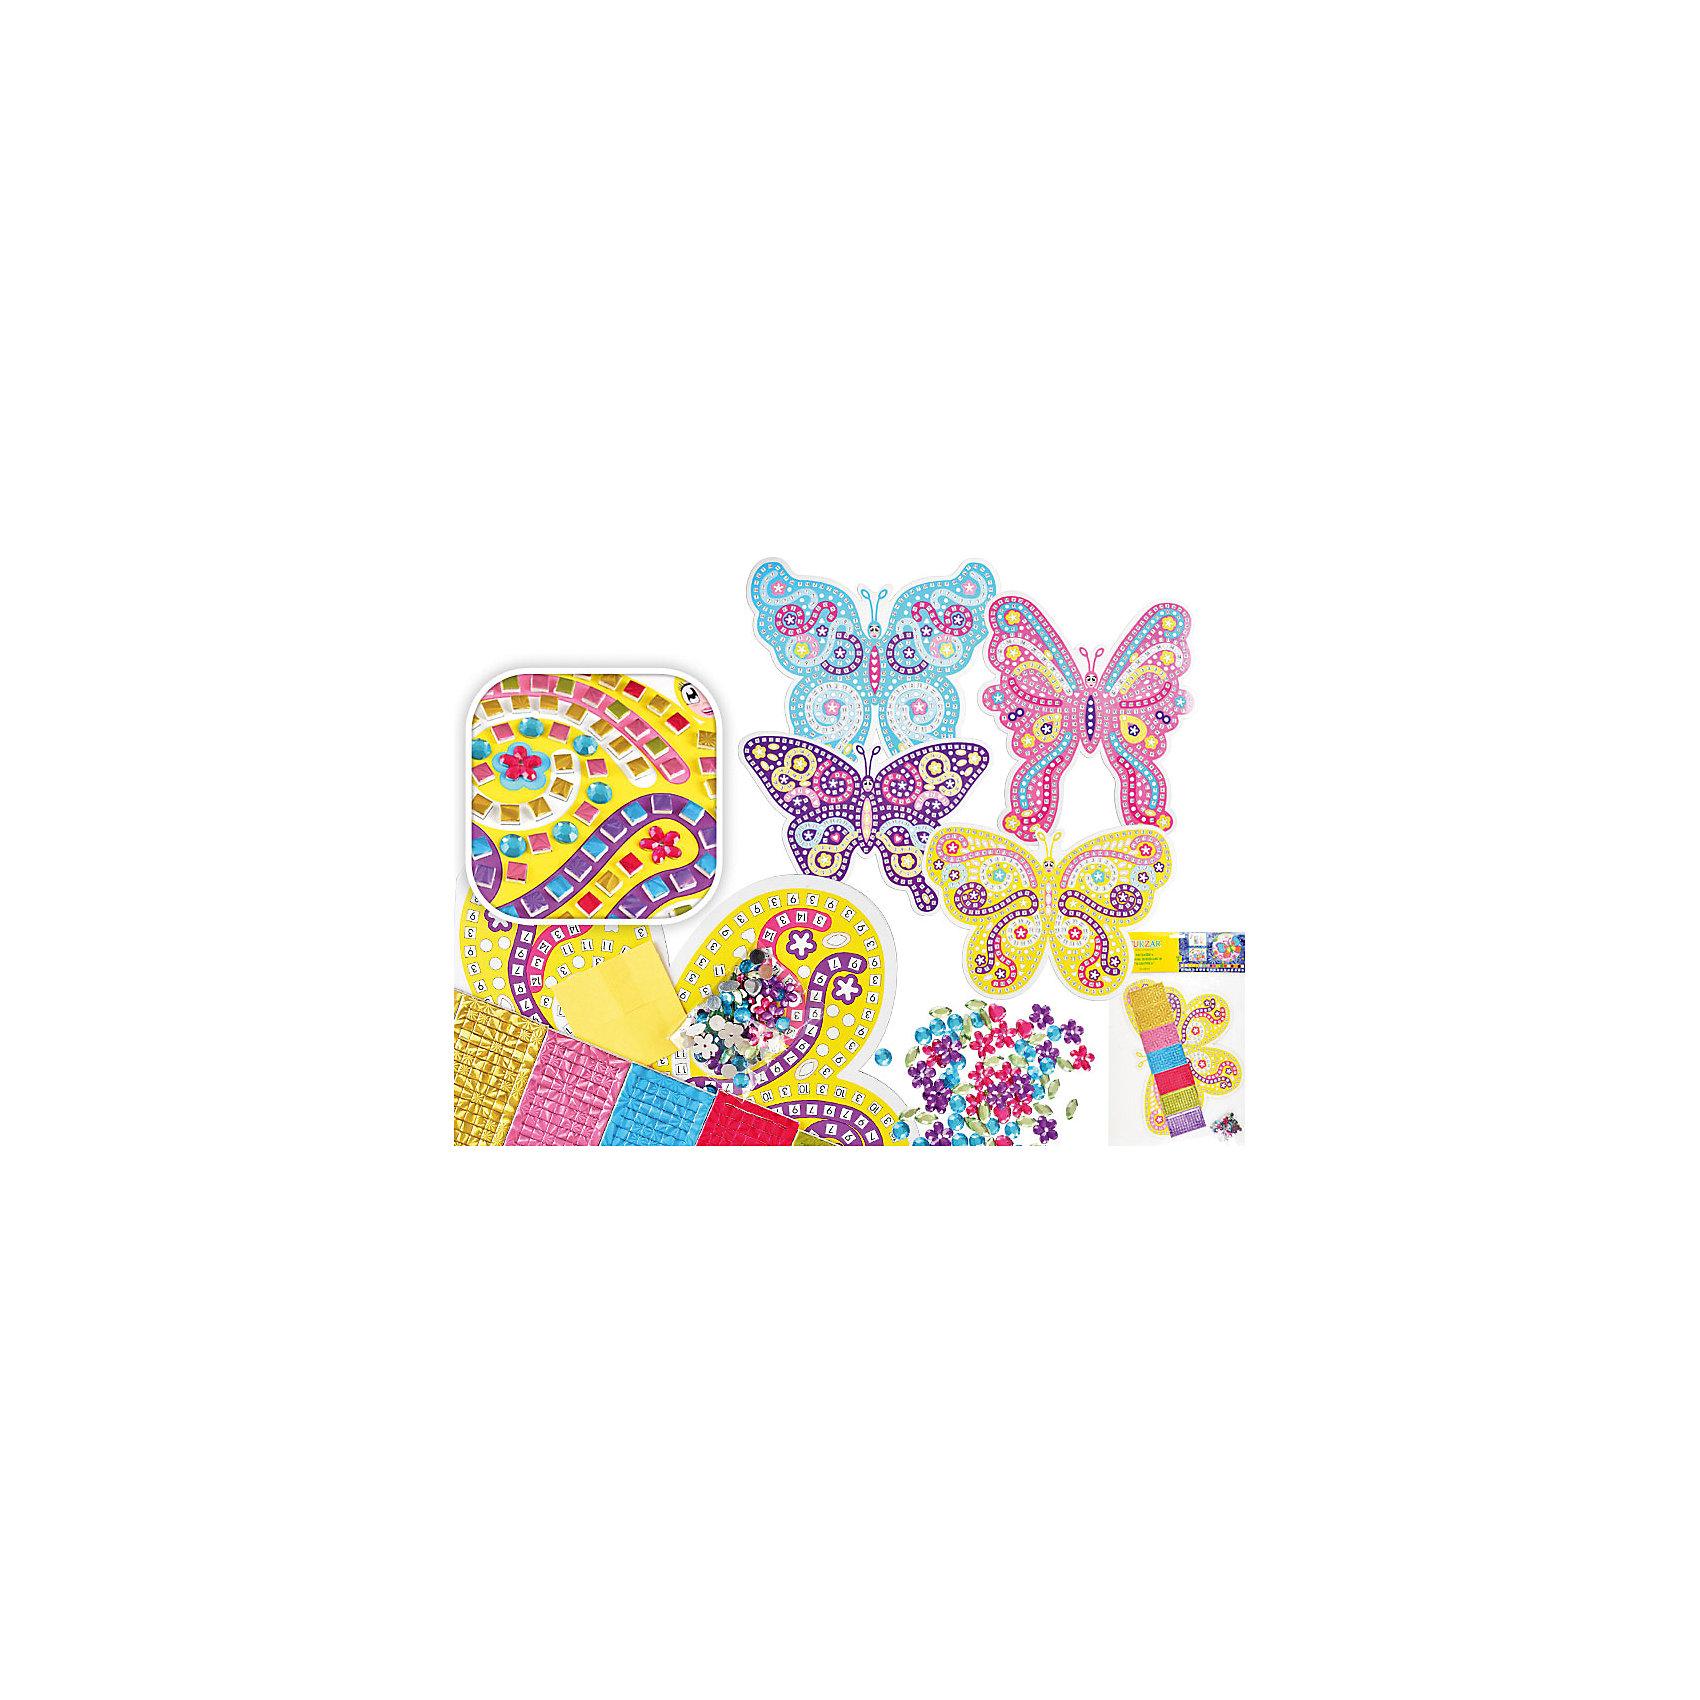 Самоклеящаяся мозаика Бабочка (в ассортименте)Мозайка самоклеящаяся БАБОЧКА, 4 вида – отличное решение, которое сделает ваш интерьер неповторимым, уютным и жизнерадостным. Сначала необходимо оформить рисунок бабочки с помощью мозаичных элементов и страз-наклеек. Привлеките к творческому процессу ребенка и позвольте ему проявить свою фантазию!<br>Благодаря самоклеящейся поверхности мозаика легко наклеивается на любую ровную поверхность (стену, кафель, дверь, зеркало, окно и др.) и также просто удаляется, не оставляя следов. <br><br>Характеристики:<br>-можно нанести практически на любую поверхность<br>-легко удаляются и не оставляют пятен<br>-помогут скрыть дефект и недостатки поверхности<br>-дают возможность проявить свою фантазию и выступить в роли дизайнера<br>-станут оригинальным подарком для друзей и родных<br><br>Комплектация: пронумерованная картонная картинка-основа с фигурным контуром бабочки, разноцветные листы из фольги, стразы-наклейки для украшения<br><br>Дополнительная информация:<br>-Размеры картинки с контуром: 28х24 см <br>-В ассортименте: 4 вида дизайна (заранее выбрать невозможно, при заказе нескольких возможно получение одинаковых)<br>-Материалы: полимерный материал EVA<br><br>Самоклеящаяся мозаика – прекрасное решение, которое позволит проявить творческие способности Вашему ребенку, а затем преобразить и оживить интерьер детской комнаты за минуту!<br><br>Мозайку БАБОЧКА, 4 вида можно купить в нашем магазине.<br><br>Ширина мм: 220<br>Глубина мм: 220<br>Высота мм: 5<br>Вес г: 100<br>Возраст от месяцев: 36<br>Возраст до месяцев: 168<br>Пол: Унисекс<br>Возраст: Детский<br>SKU: 4040382